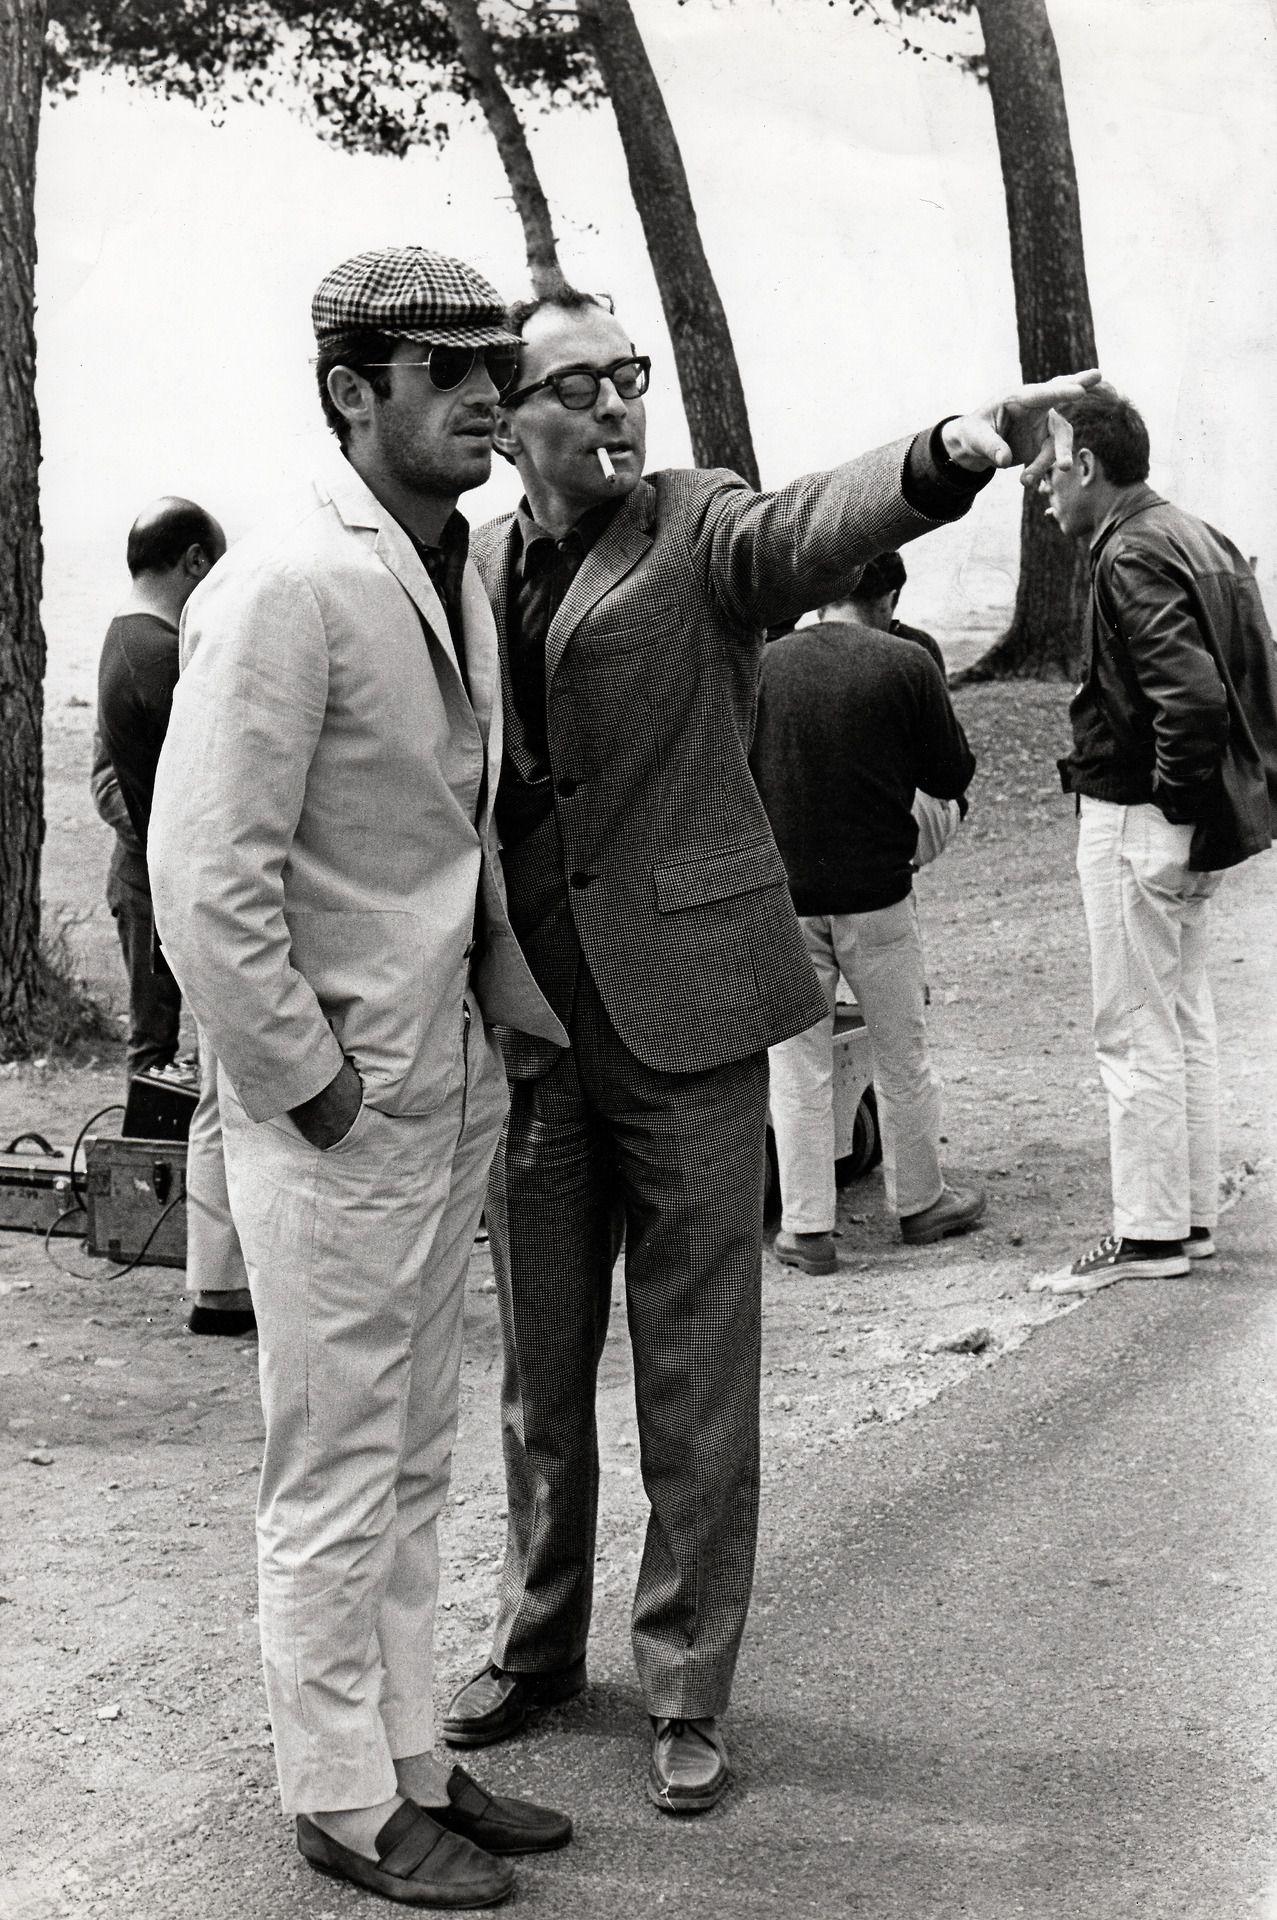 Jean-Luc Godard directing Jean-Paul Belmondo in Pierrot le fou, 1965   Jean  luc godard, Film inspiration, Movie director